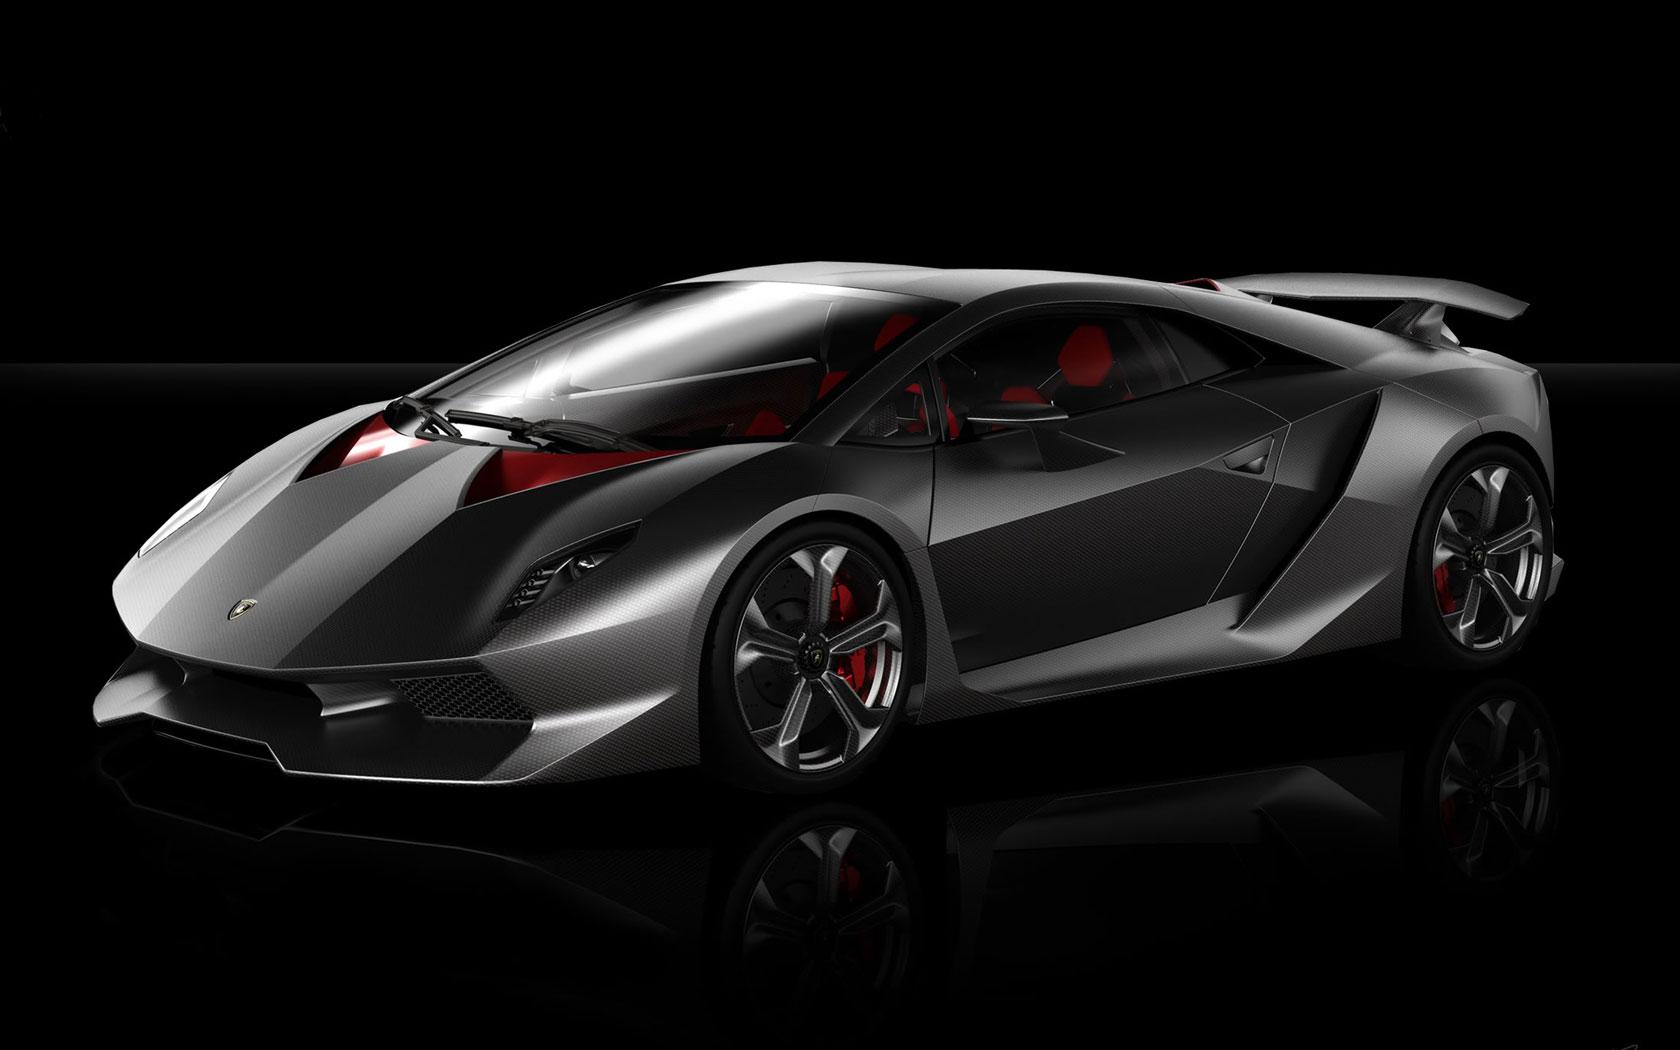 Lamborghini Sesto Elemento- too fast to be legally driven on U.S. roads